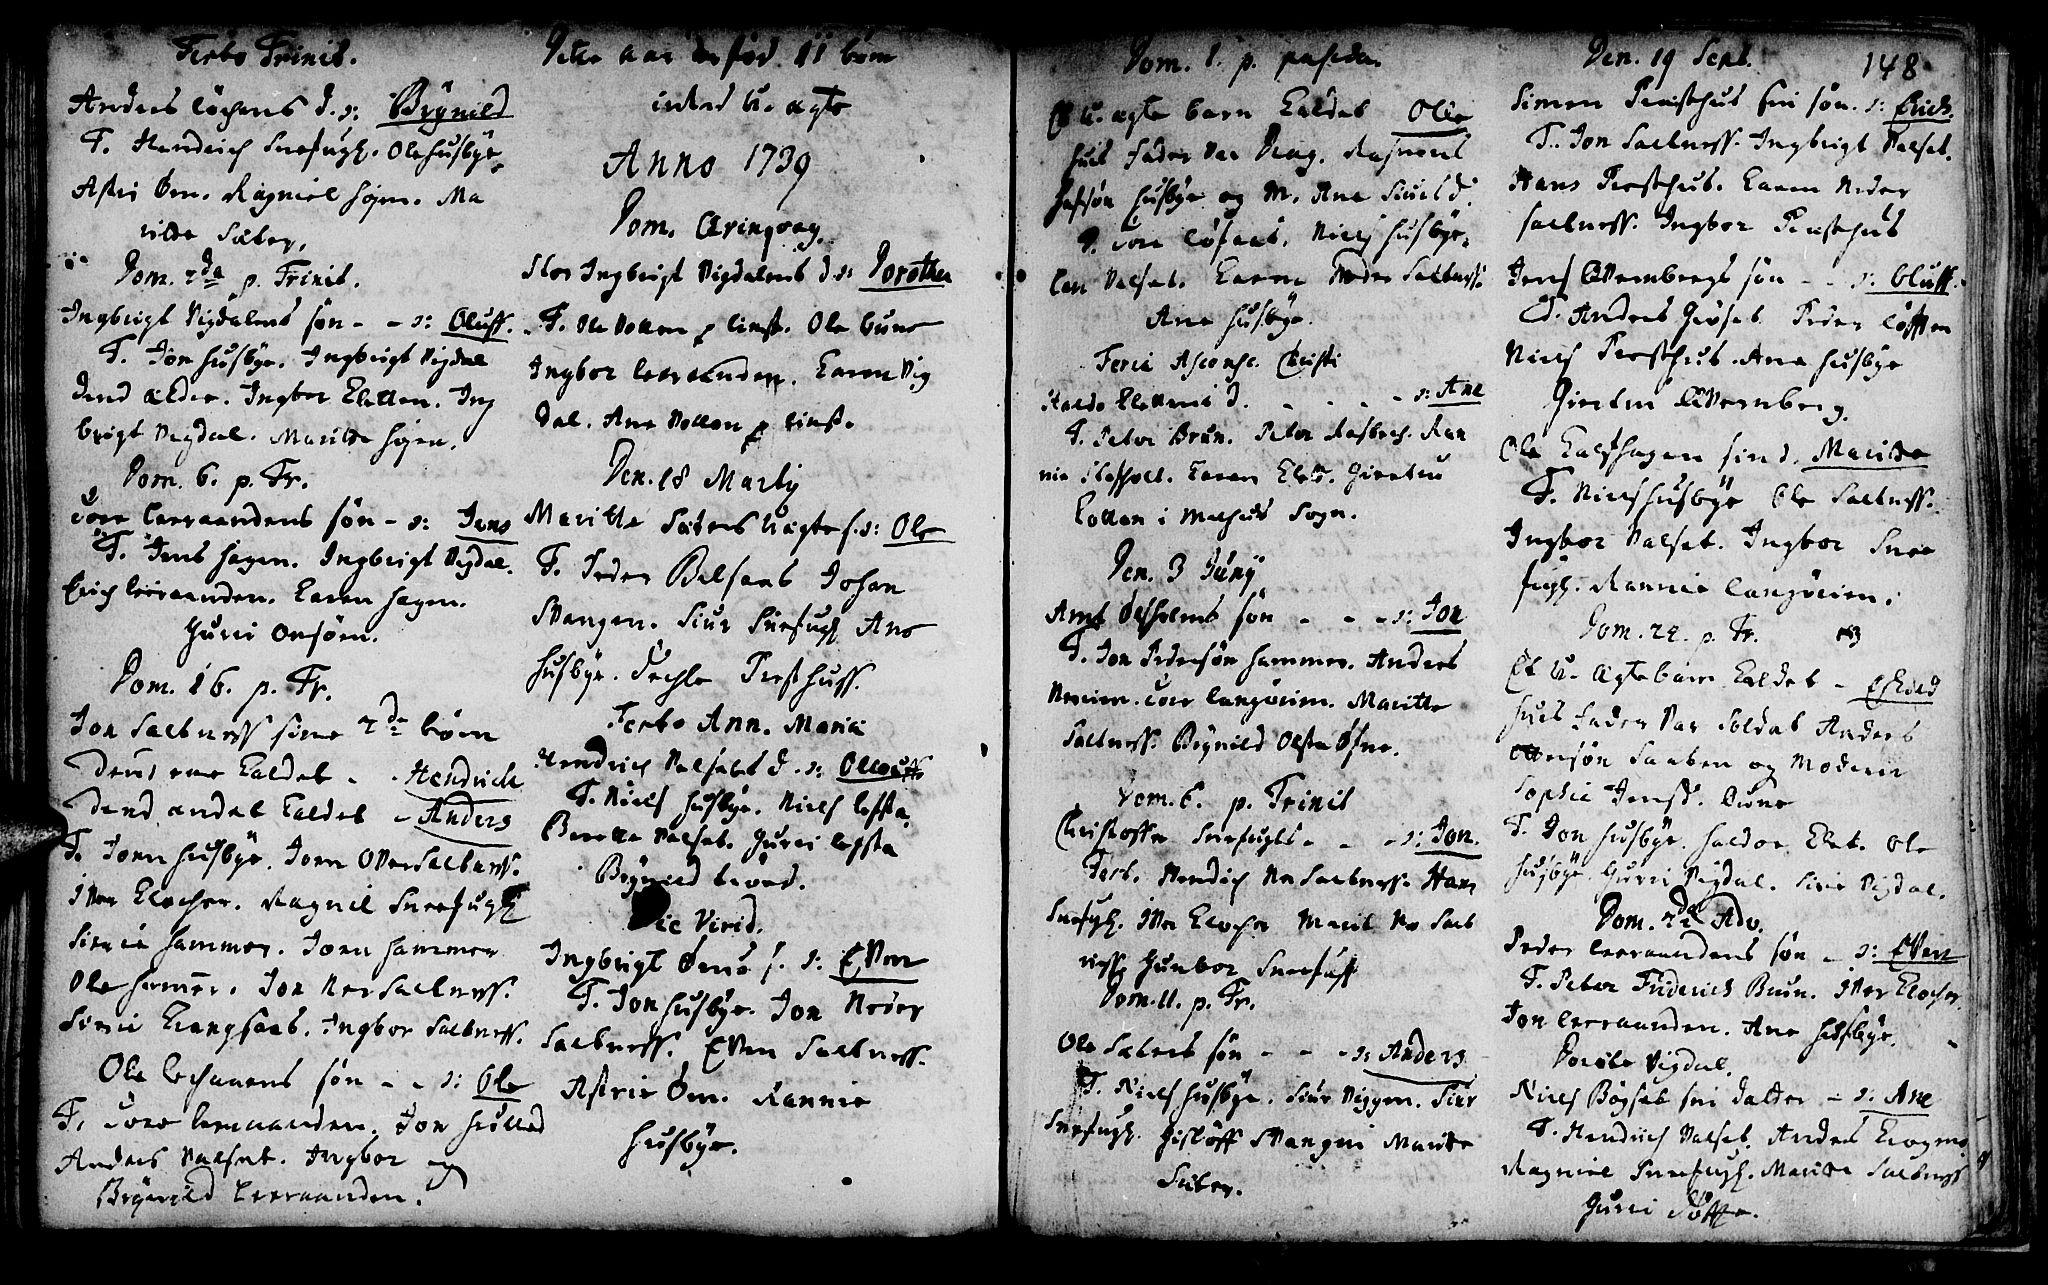 SAT, Ministerialprotokoller, klokkerbøker og fødselsregistre - Sør-Trøndelag, 666/L0783: Ministerialbok nr. 666A01, 1702-1753, s. 148